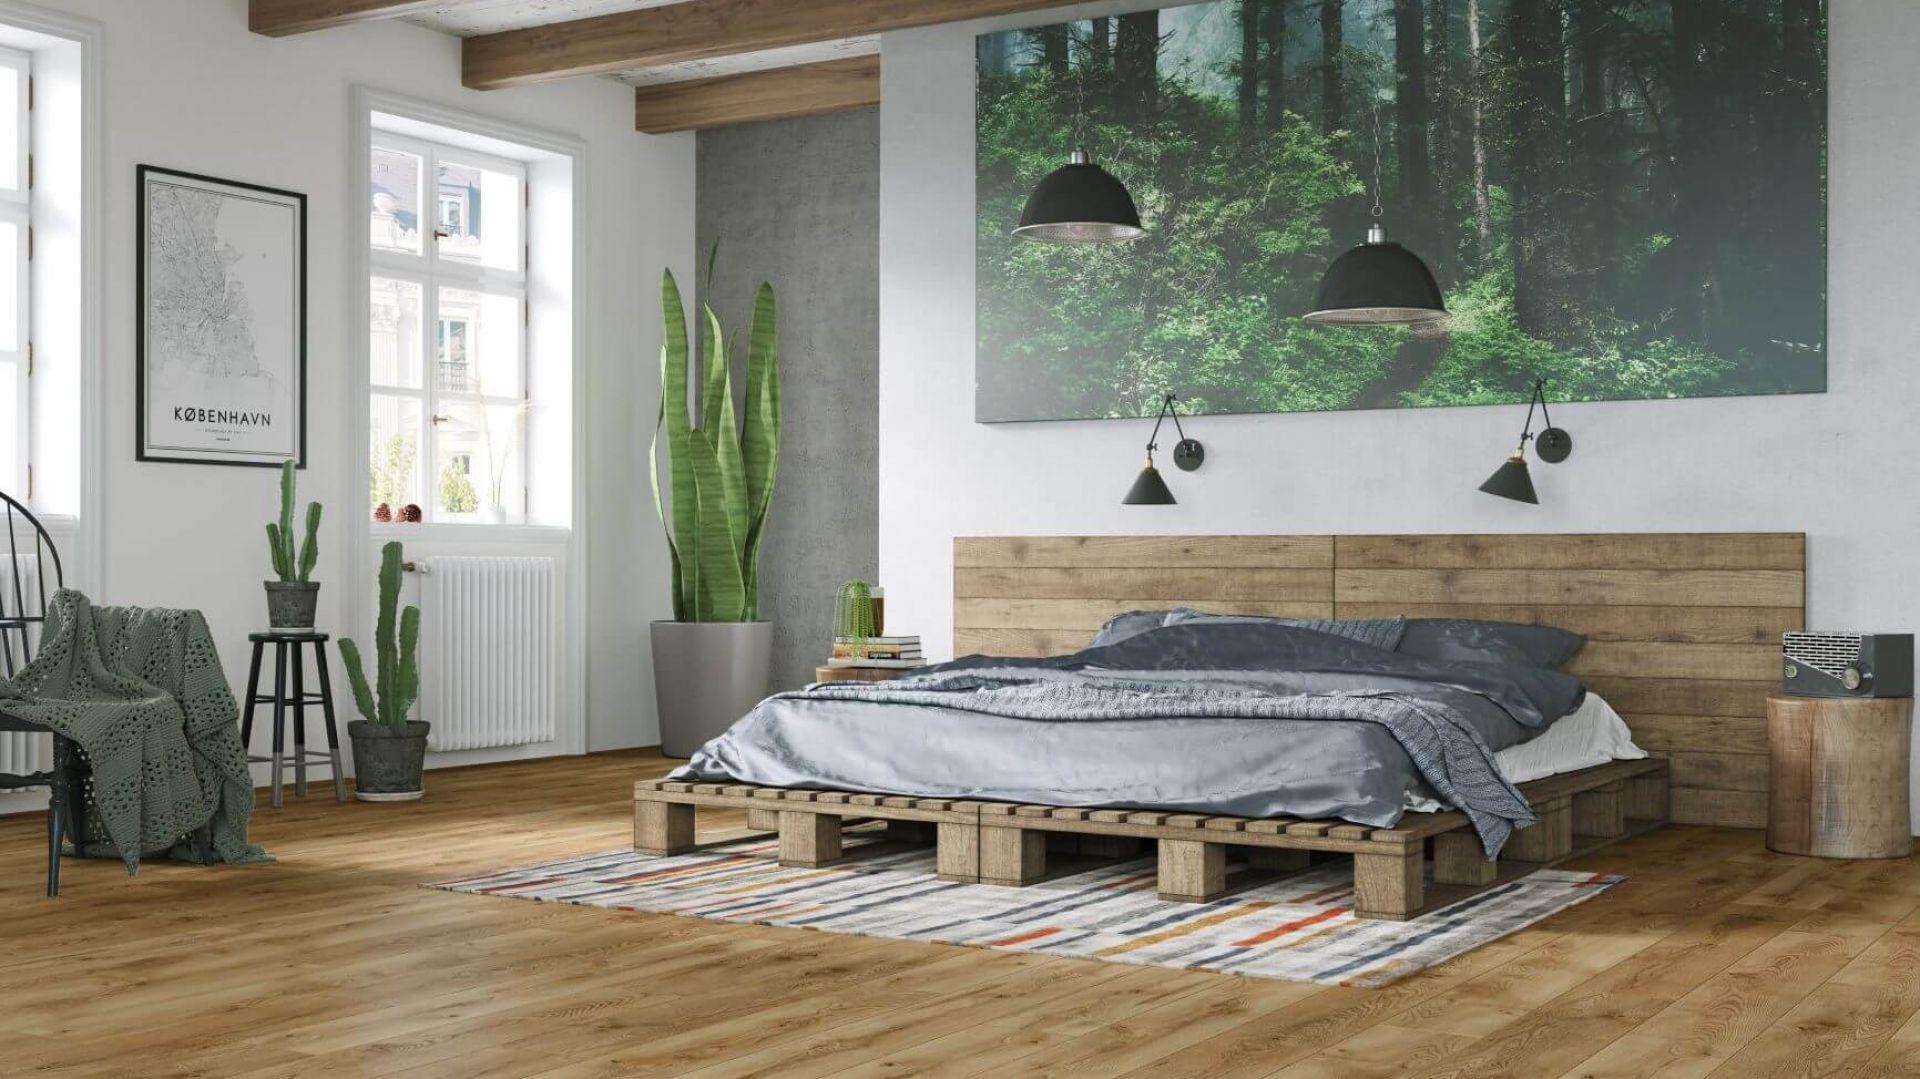 Łóżko z palet to must-have aranżacji w stylu eko. Na zdjęciu panele wodoodporne Vision 4V Dąb Anthabasca od RuckZuck. Cena Ok. 118 zł za mkw.